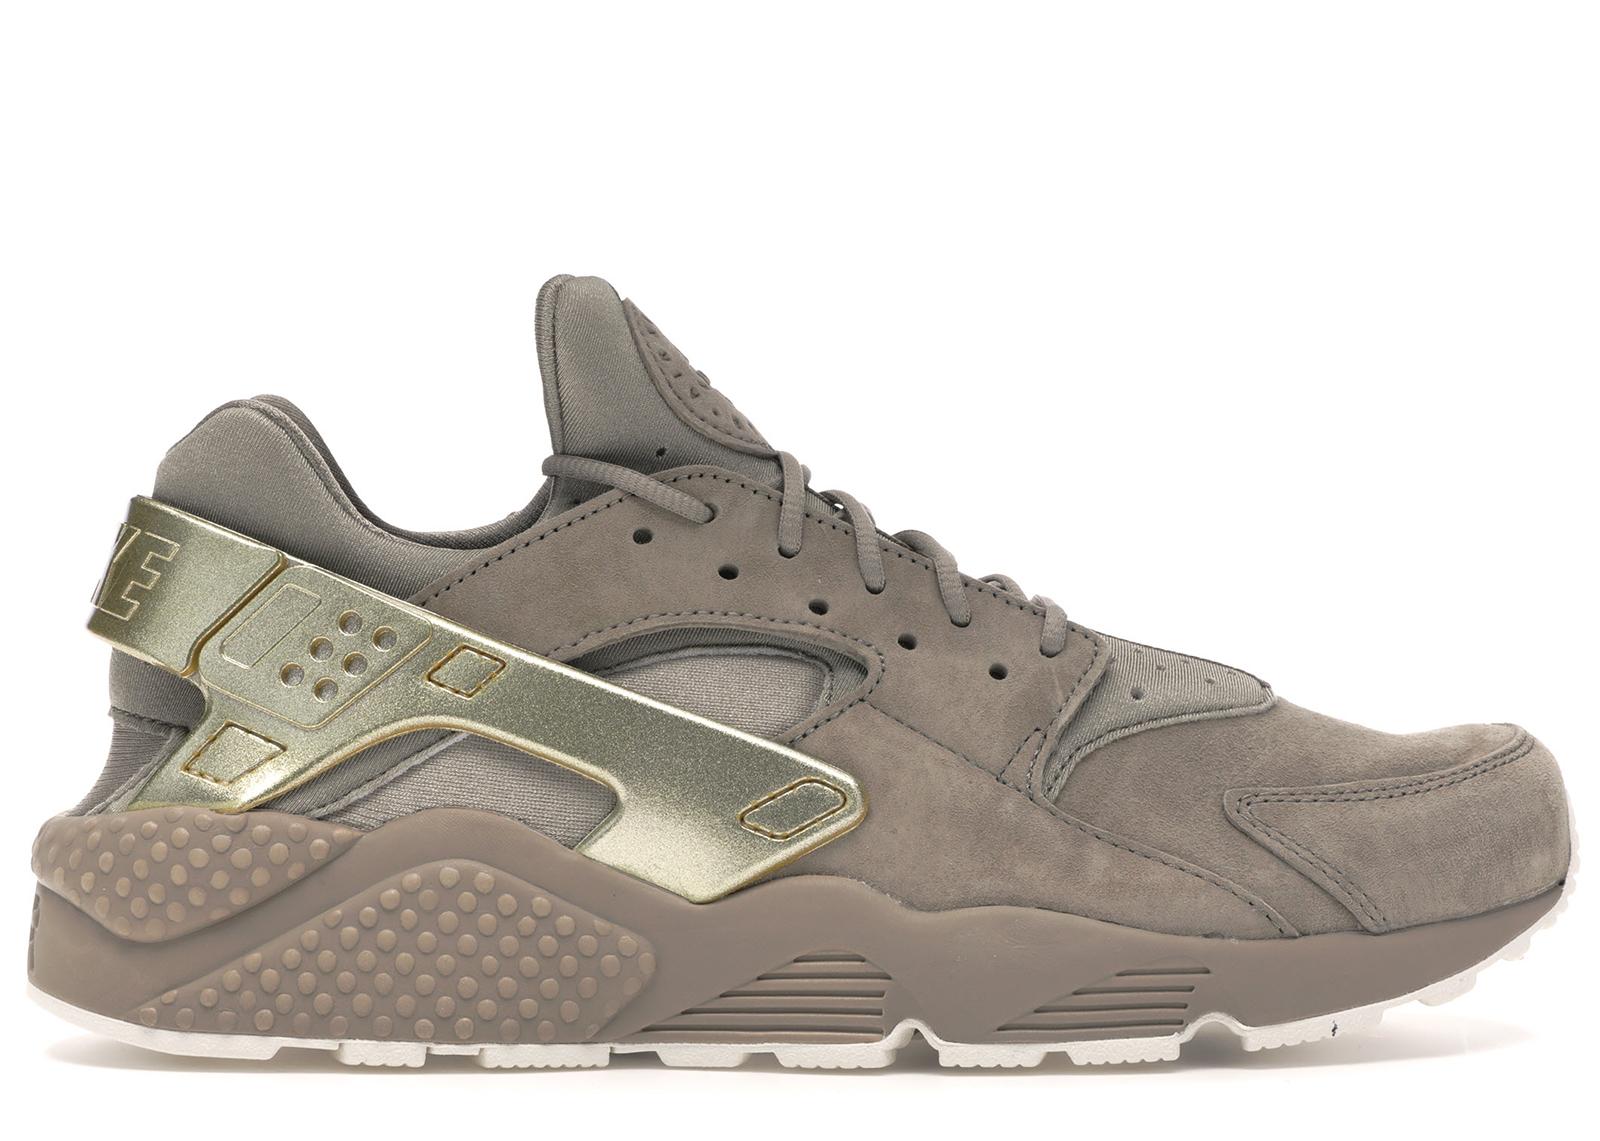 Nike Air Huarache Run Gold Rush